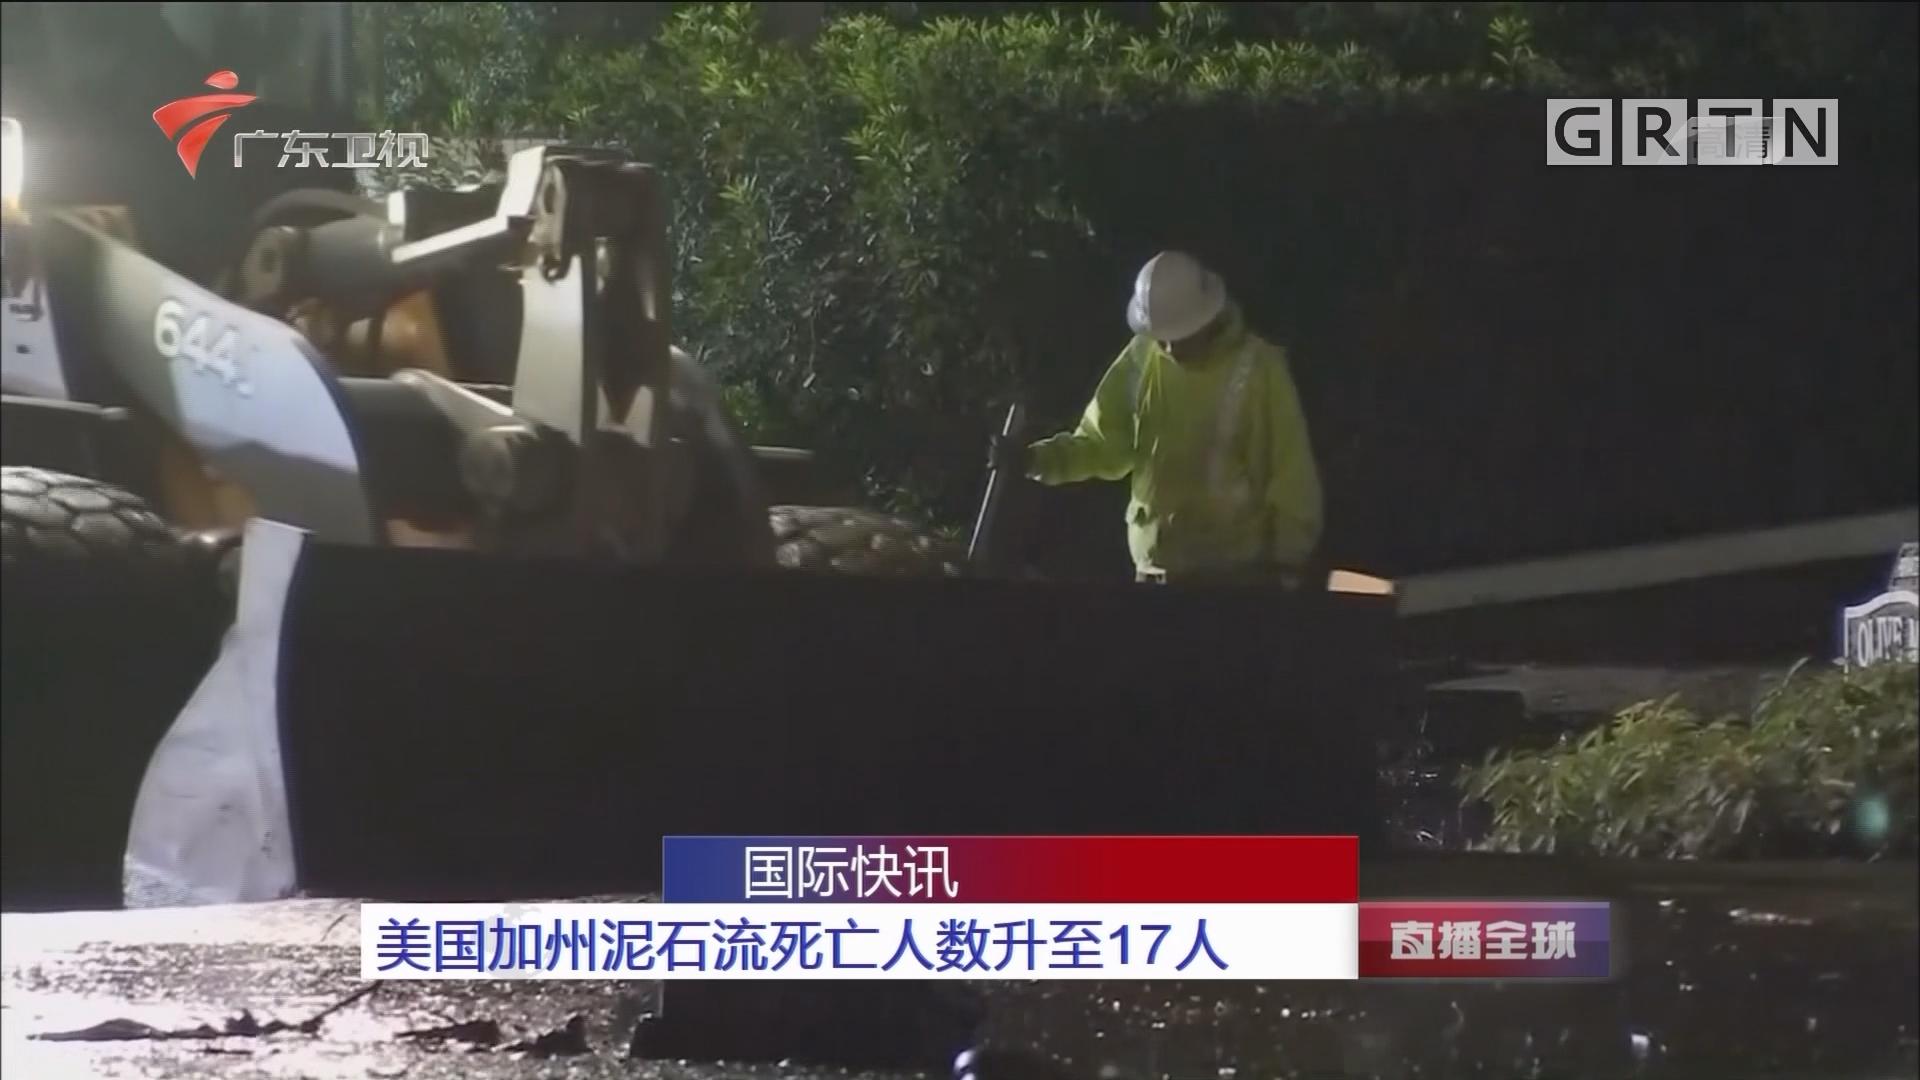 美国加州泥石流死亡人数升至17人